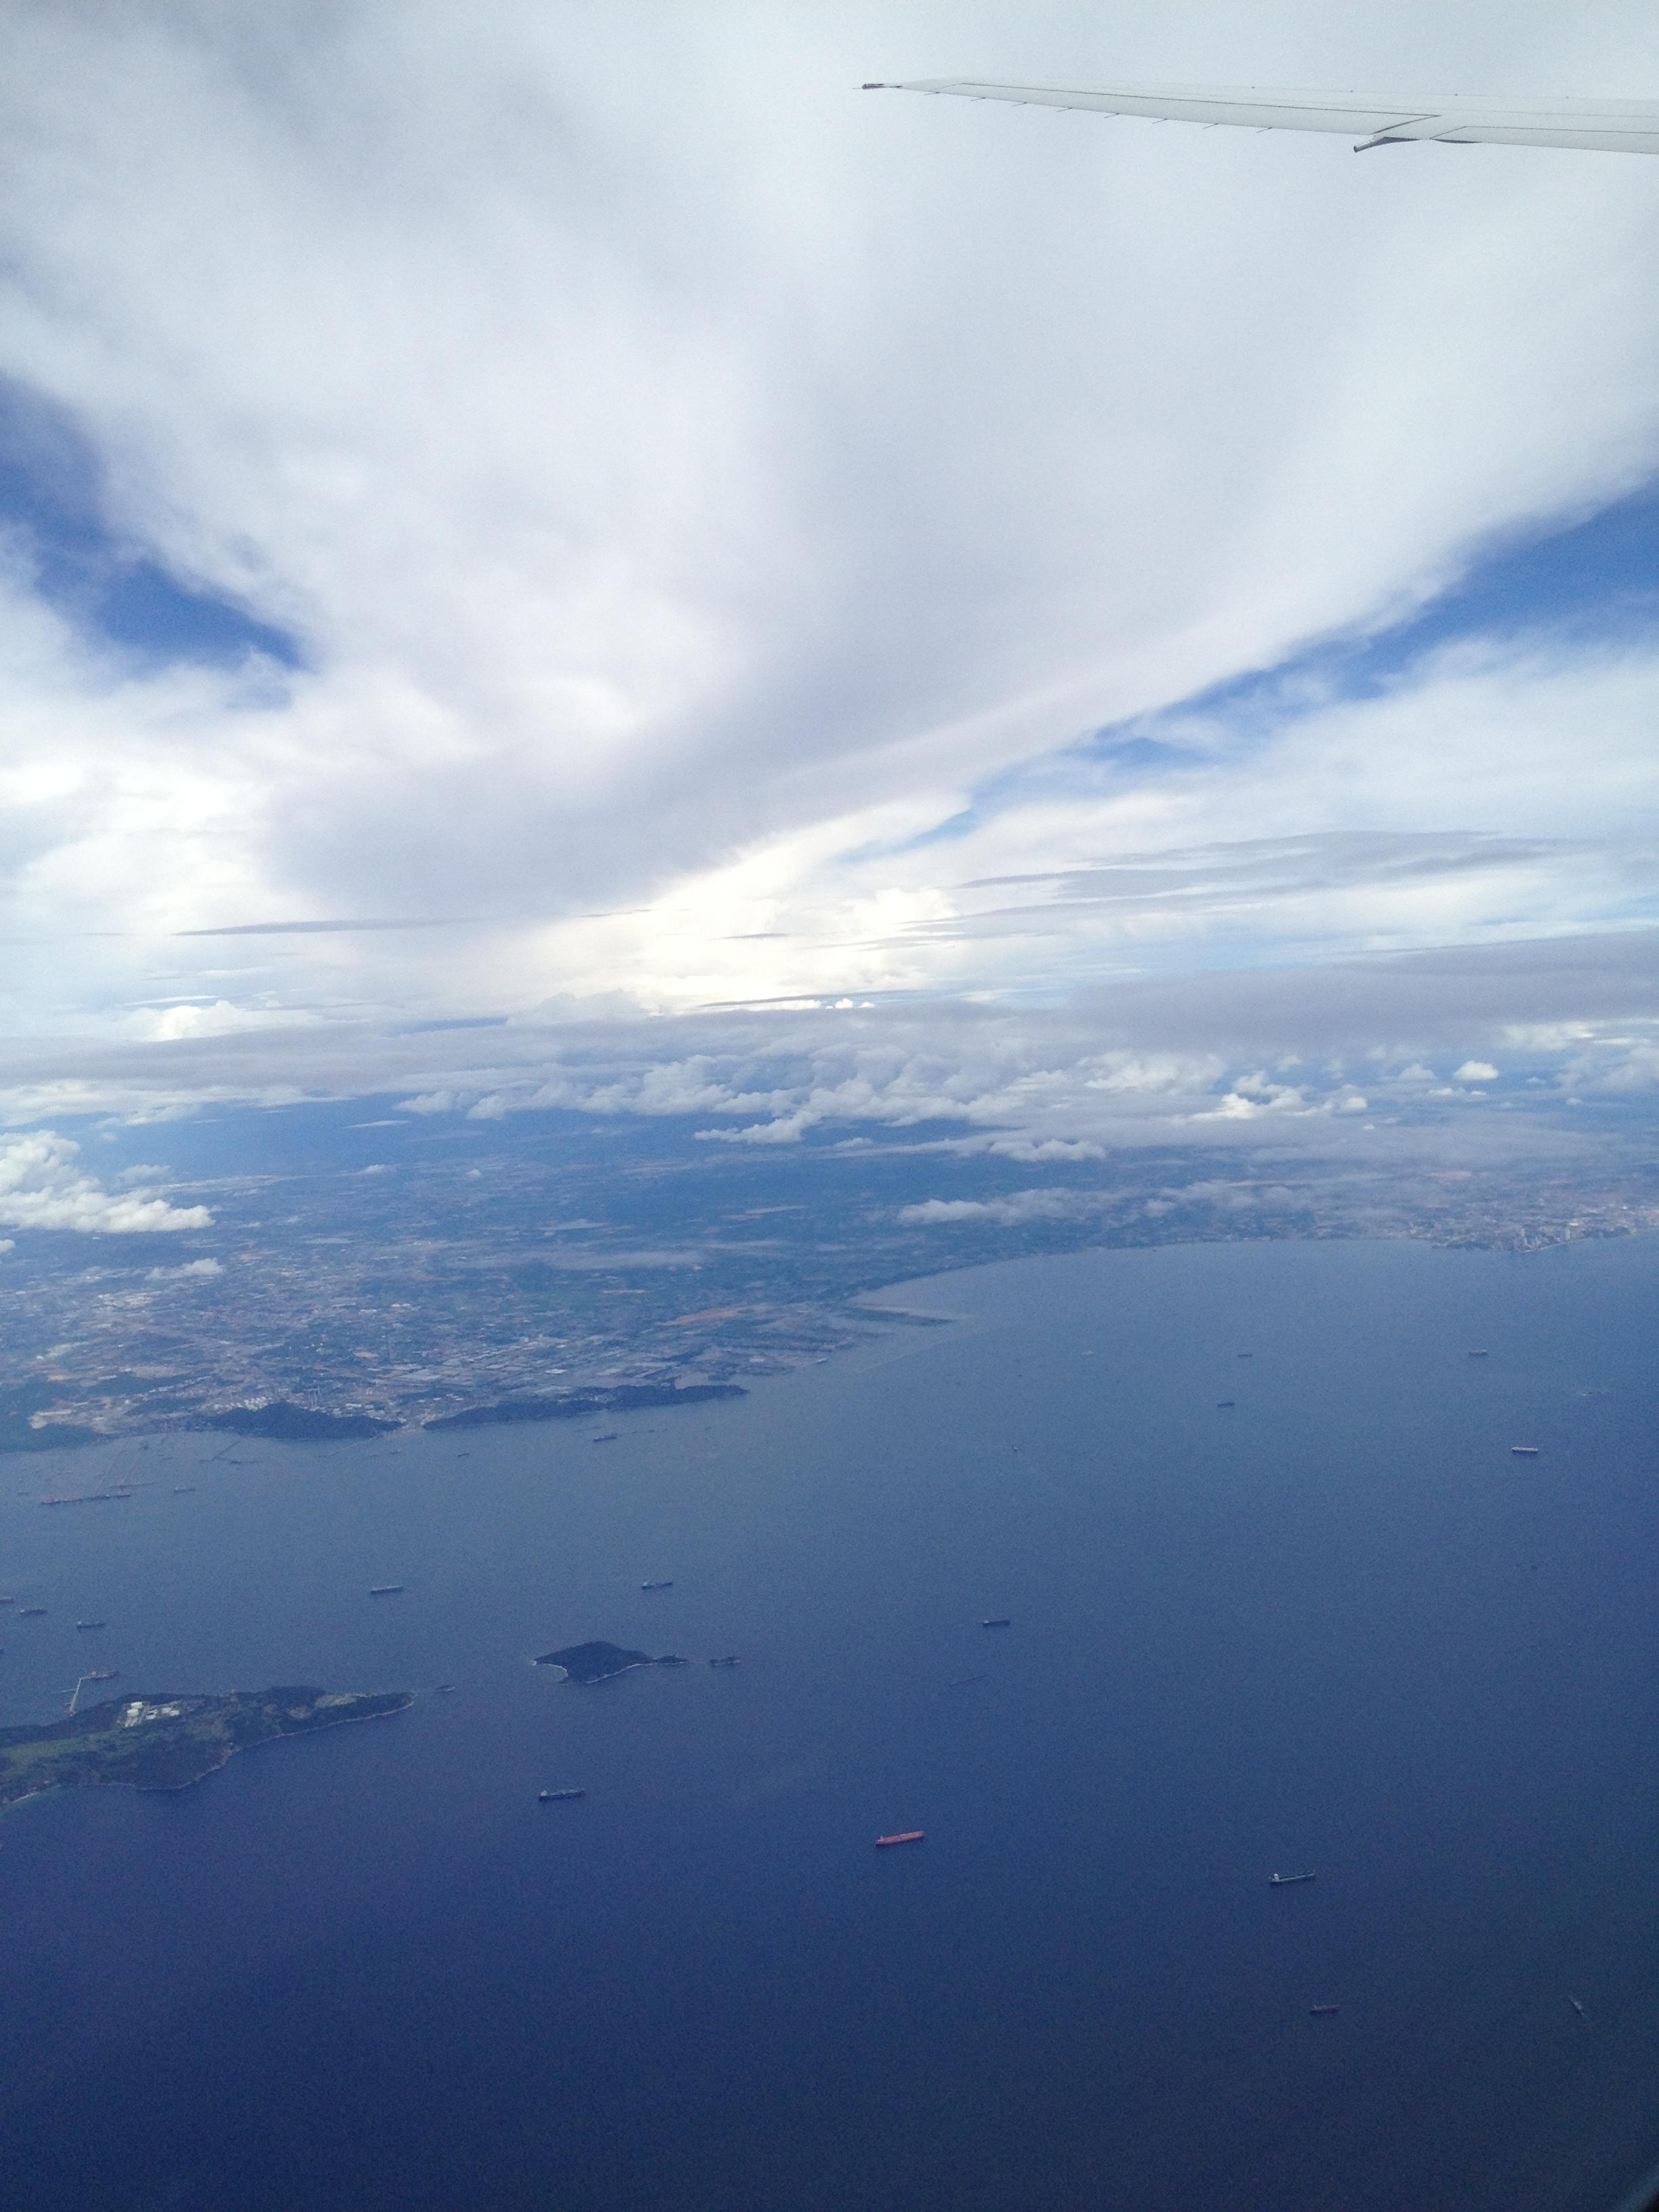 接近普吉岛机场时在飞机